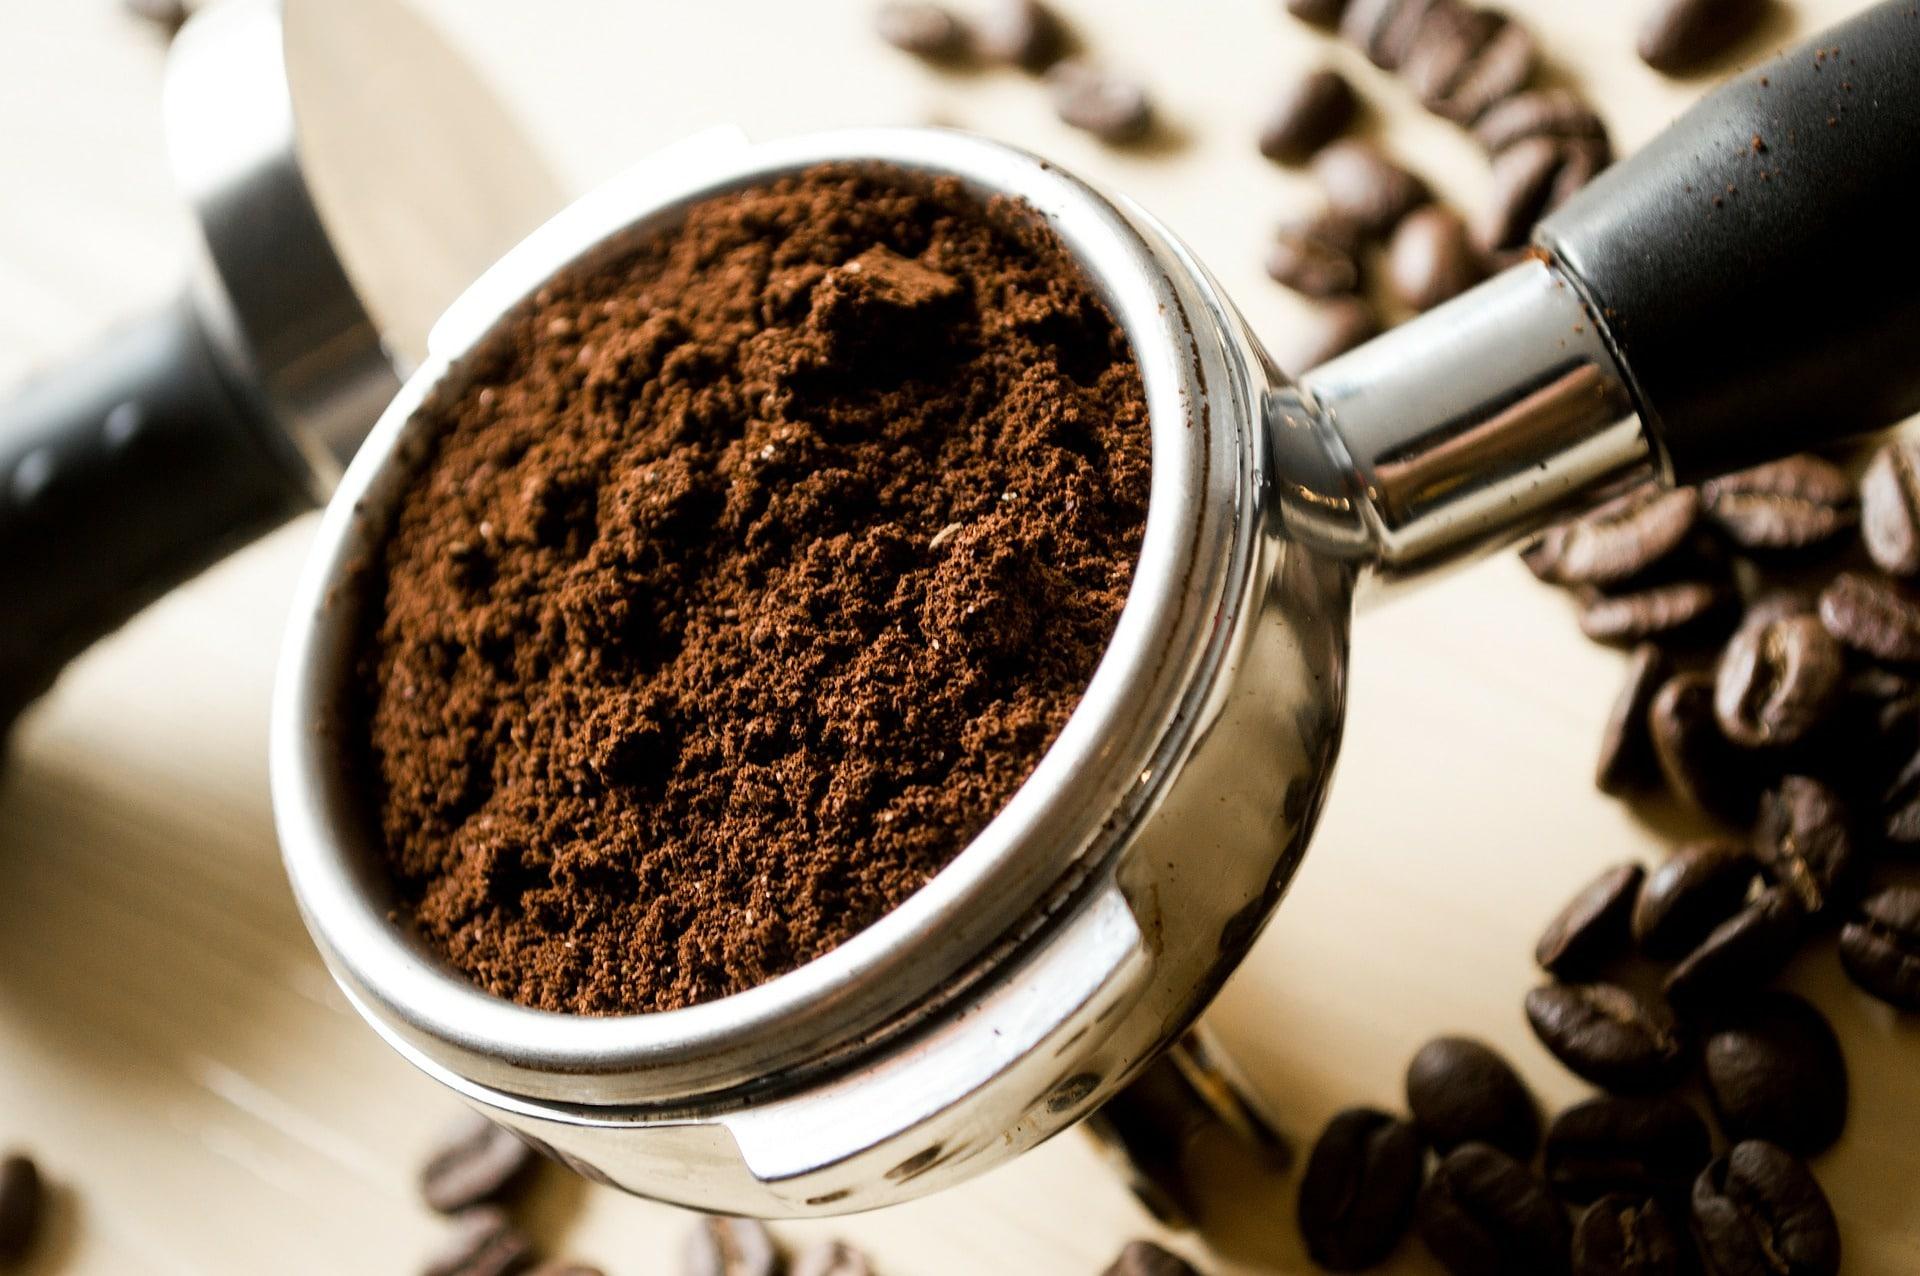 Kaffee im Filter einer Kaffeemaschine